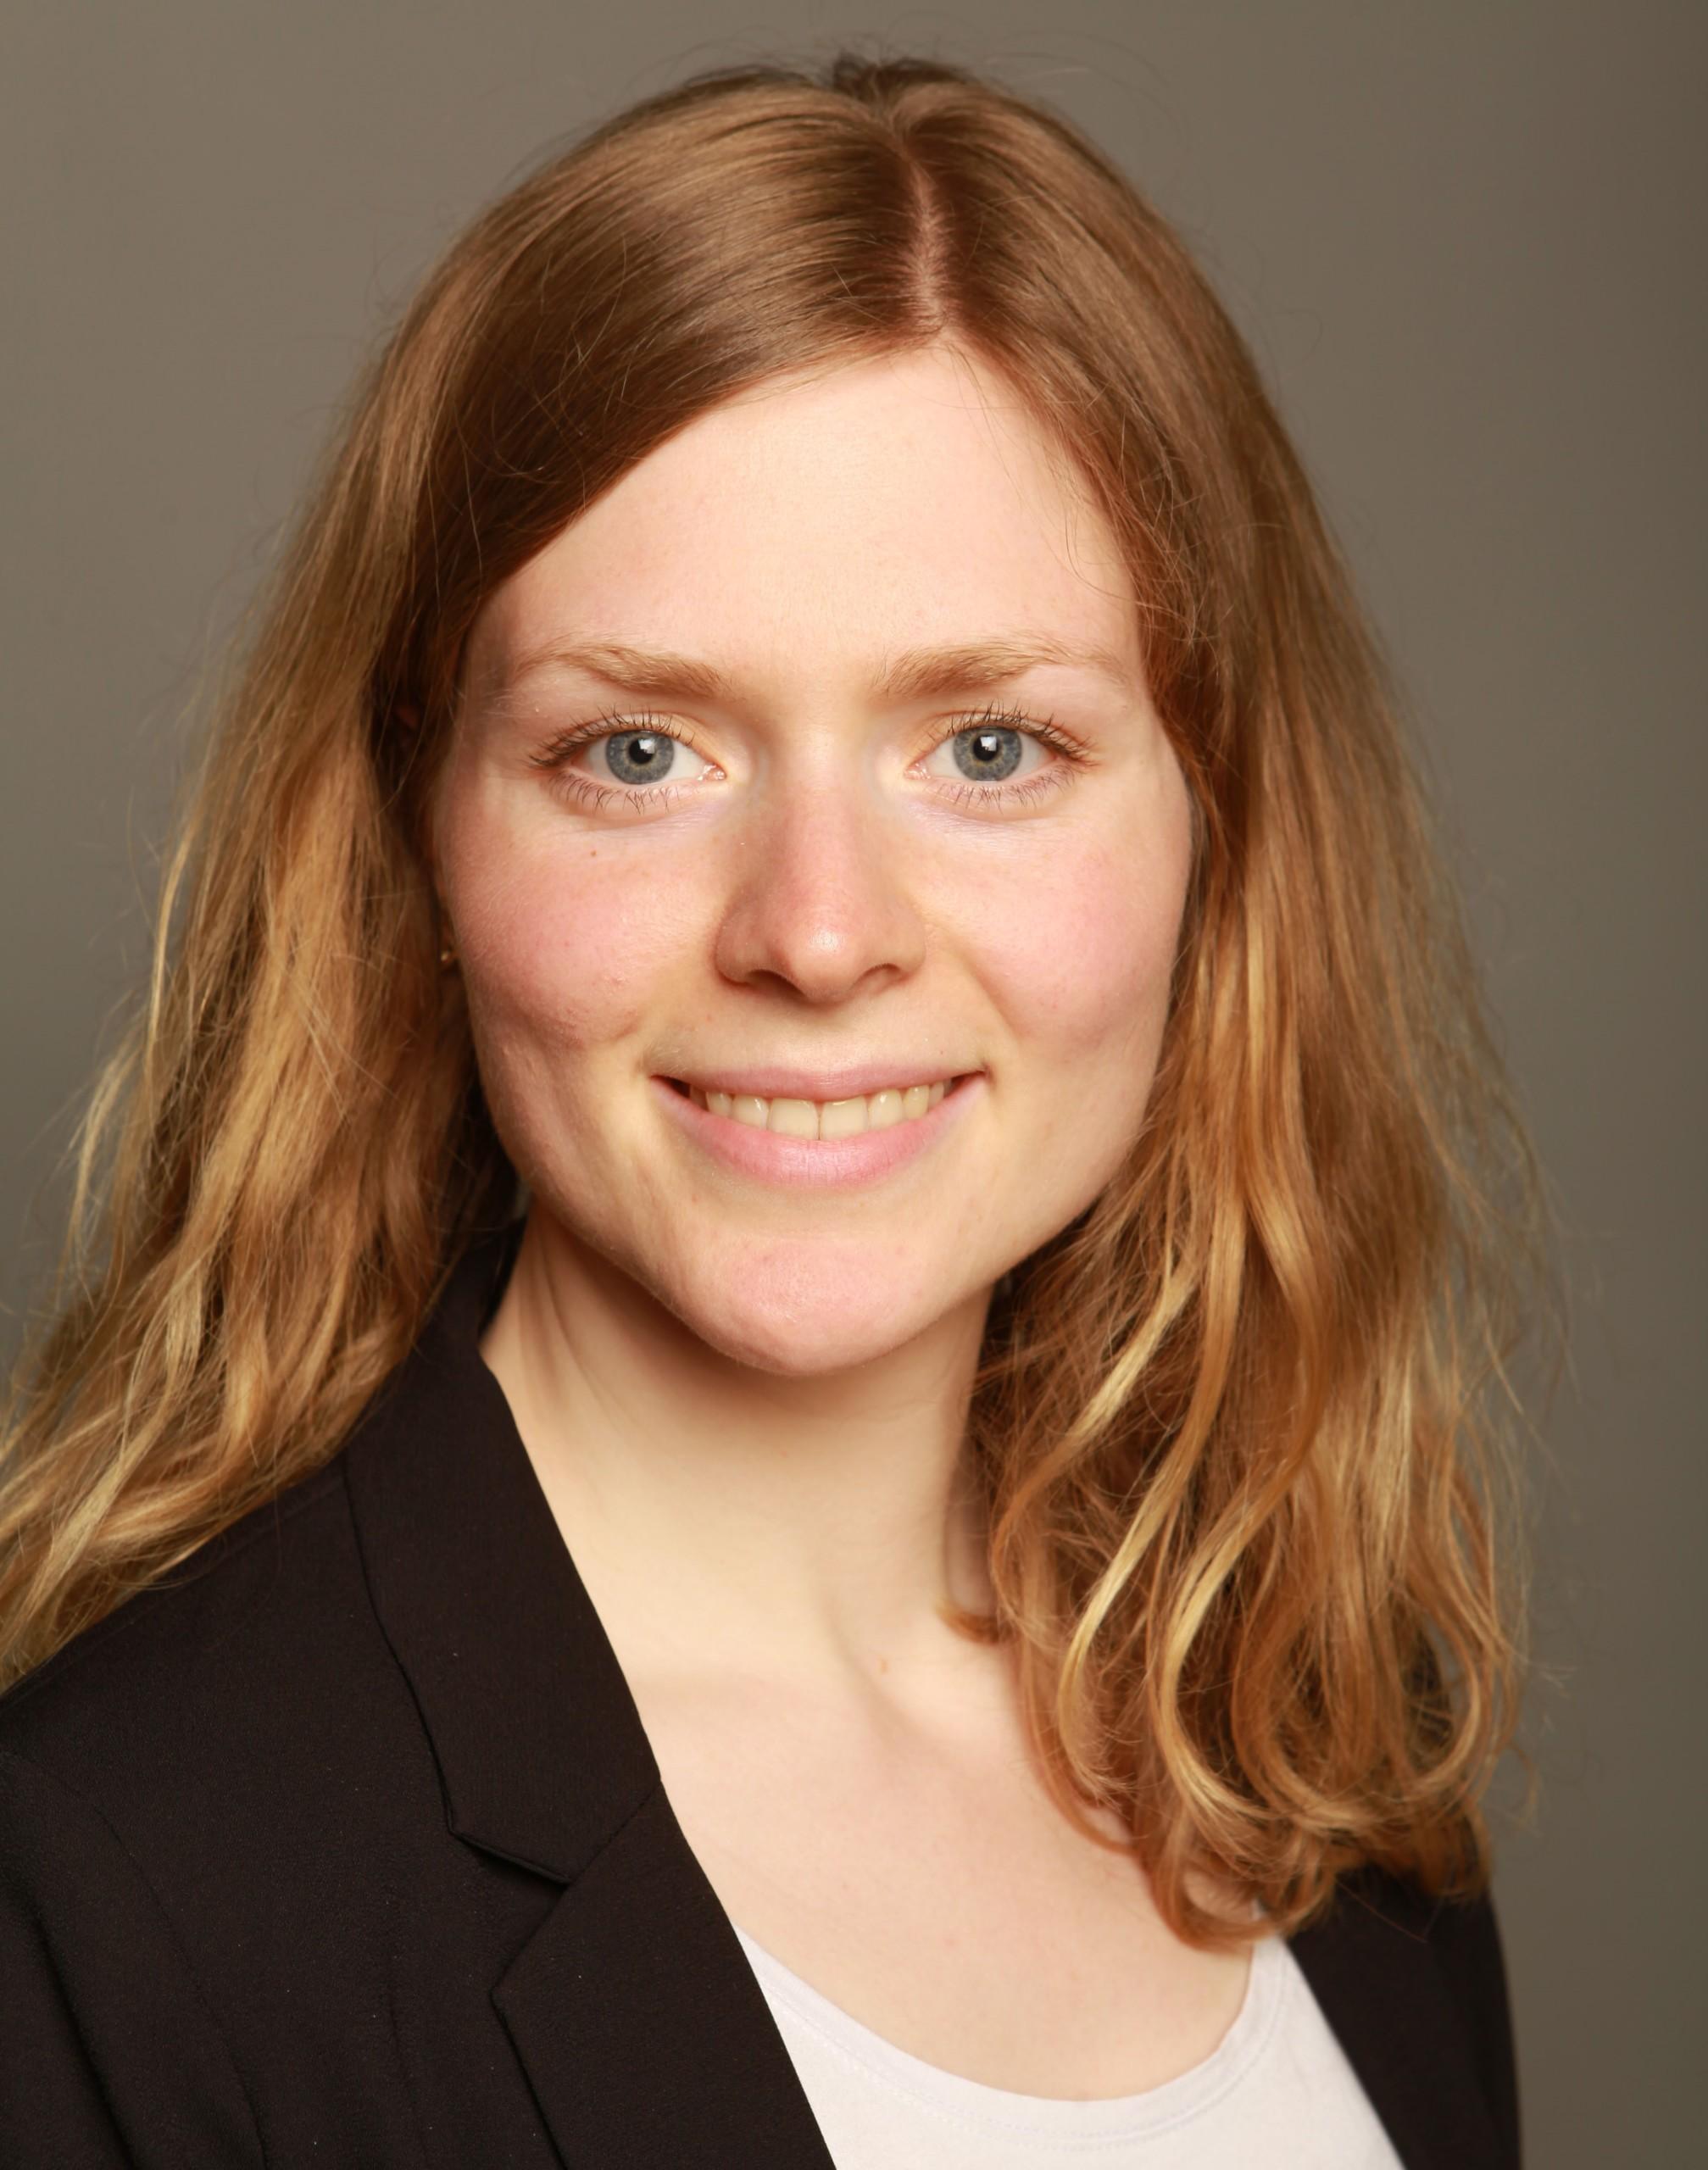 Jella Heptner ist Arbeitspsychologin bei der BG ETEM